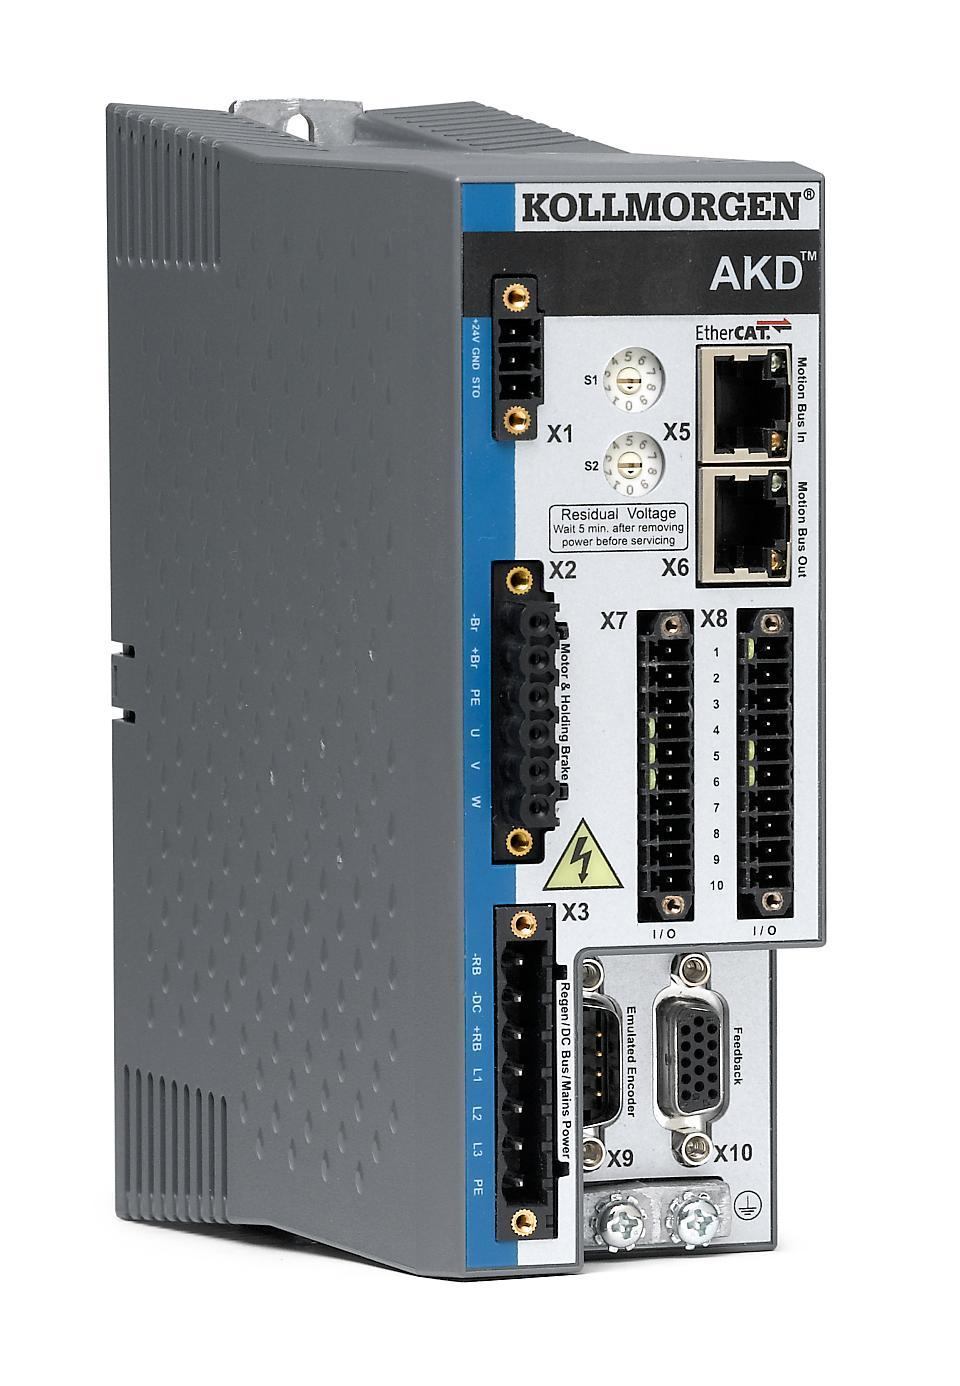 AKD-P01207-NBEC-0000